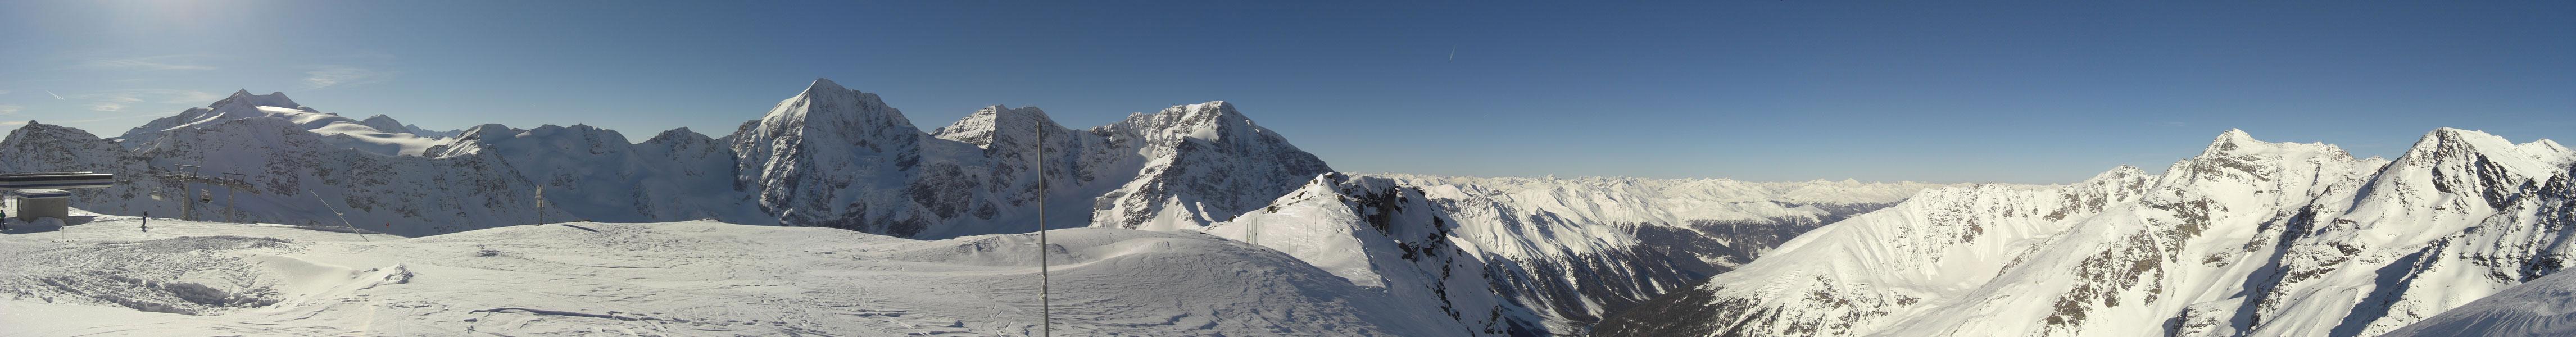 Ortler-Gruppe in Südtirol